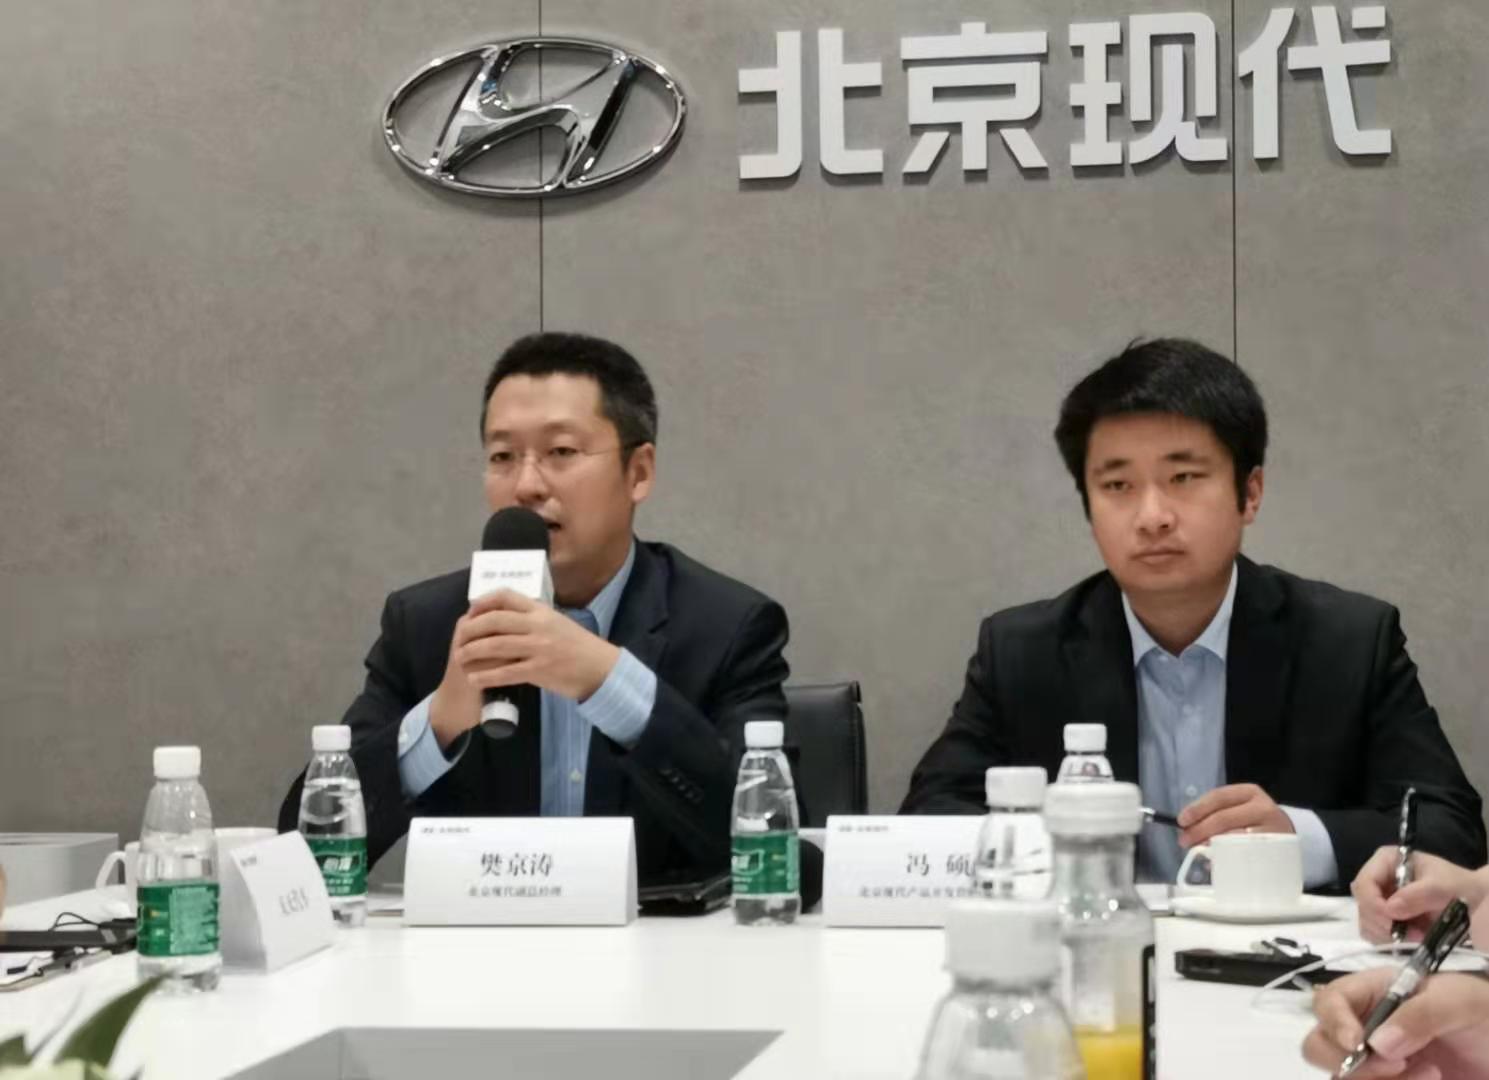 樊京涛:北京现代是新能源汽车行业的推动者